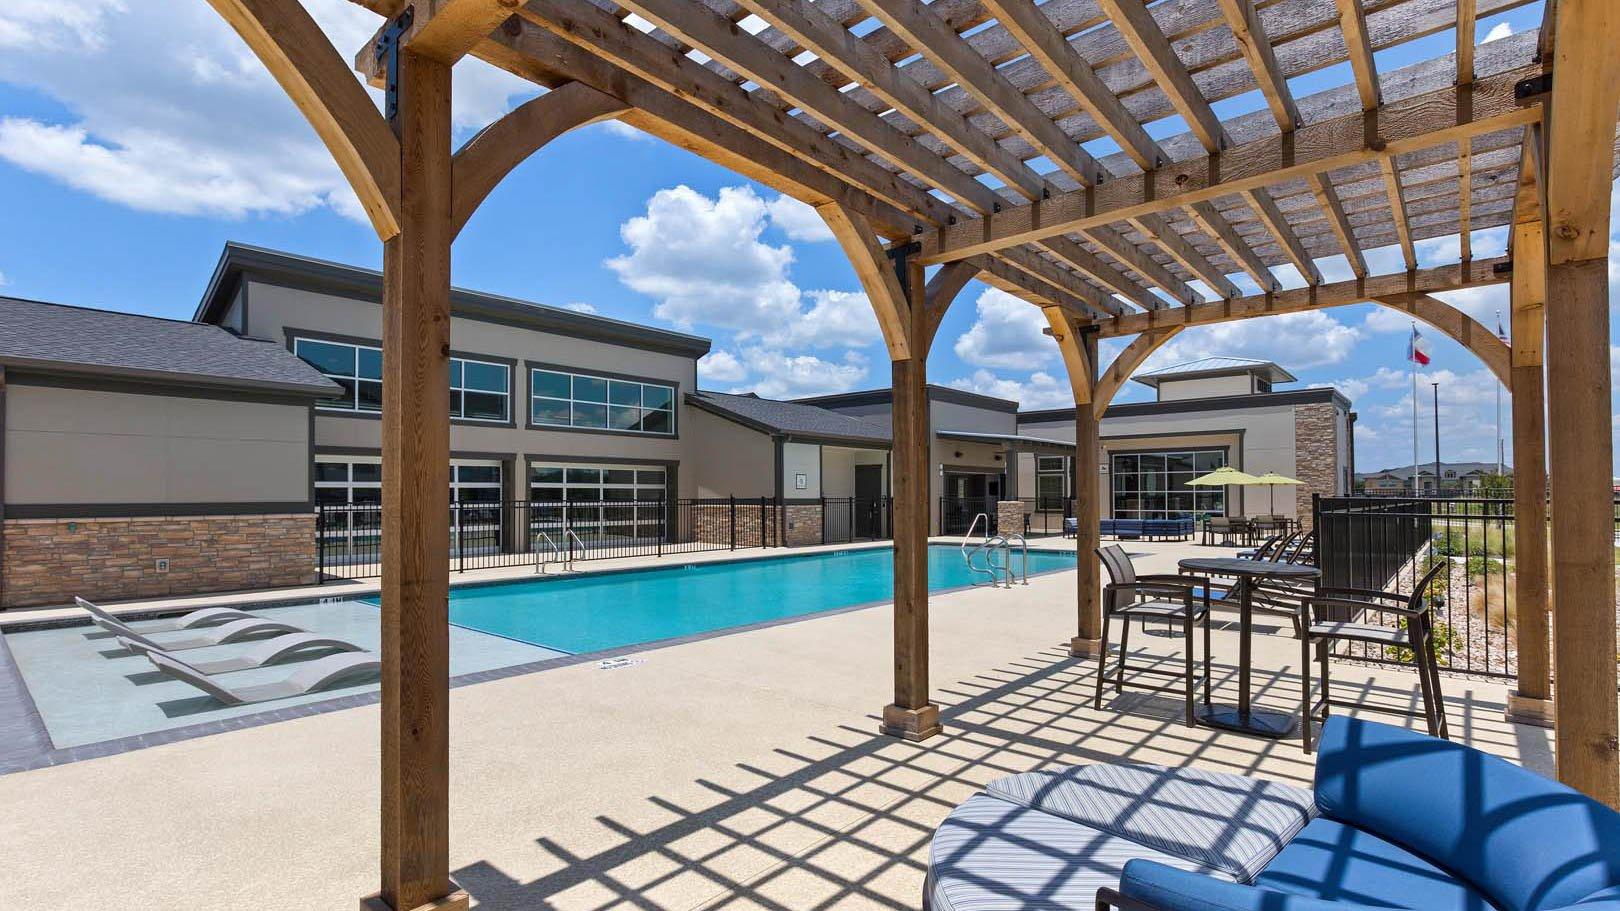 Pool and pergola in Rosenberg, TX